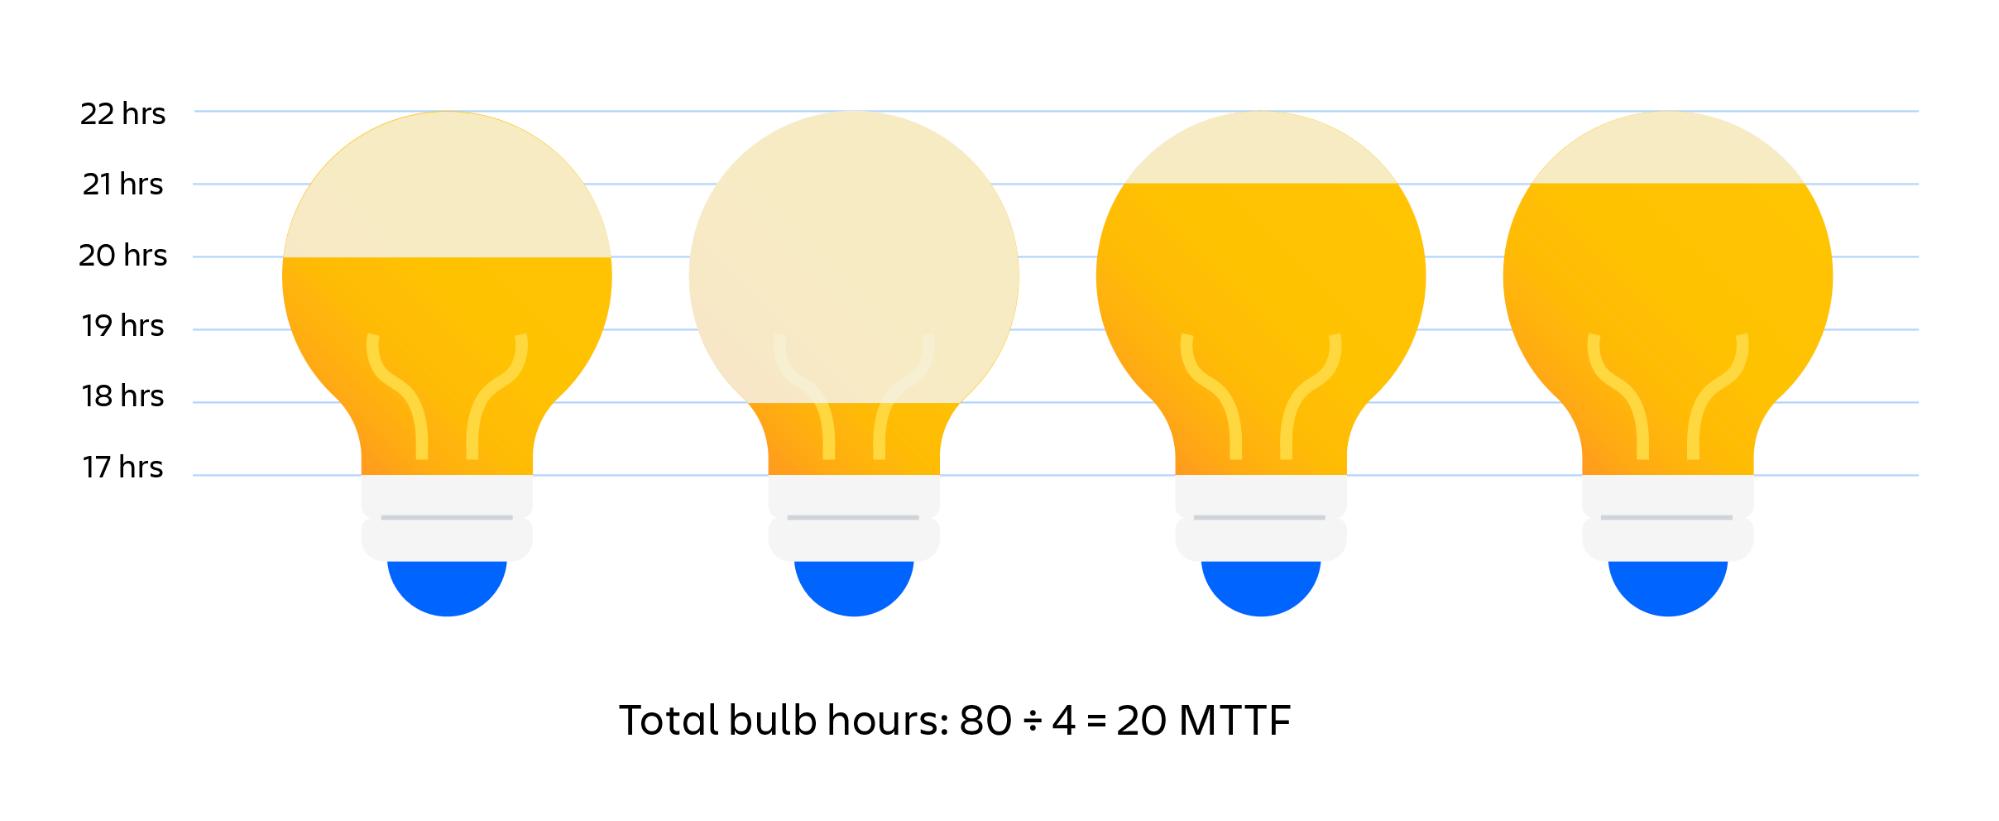 Exemple visuel de détermination du temps moyen de bon fonctionnement(MTTF) des ampoules. Le nombre total d'heures de fonctionnement des ampoules divisé par le nombre d'ampoules est égal au MTTF